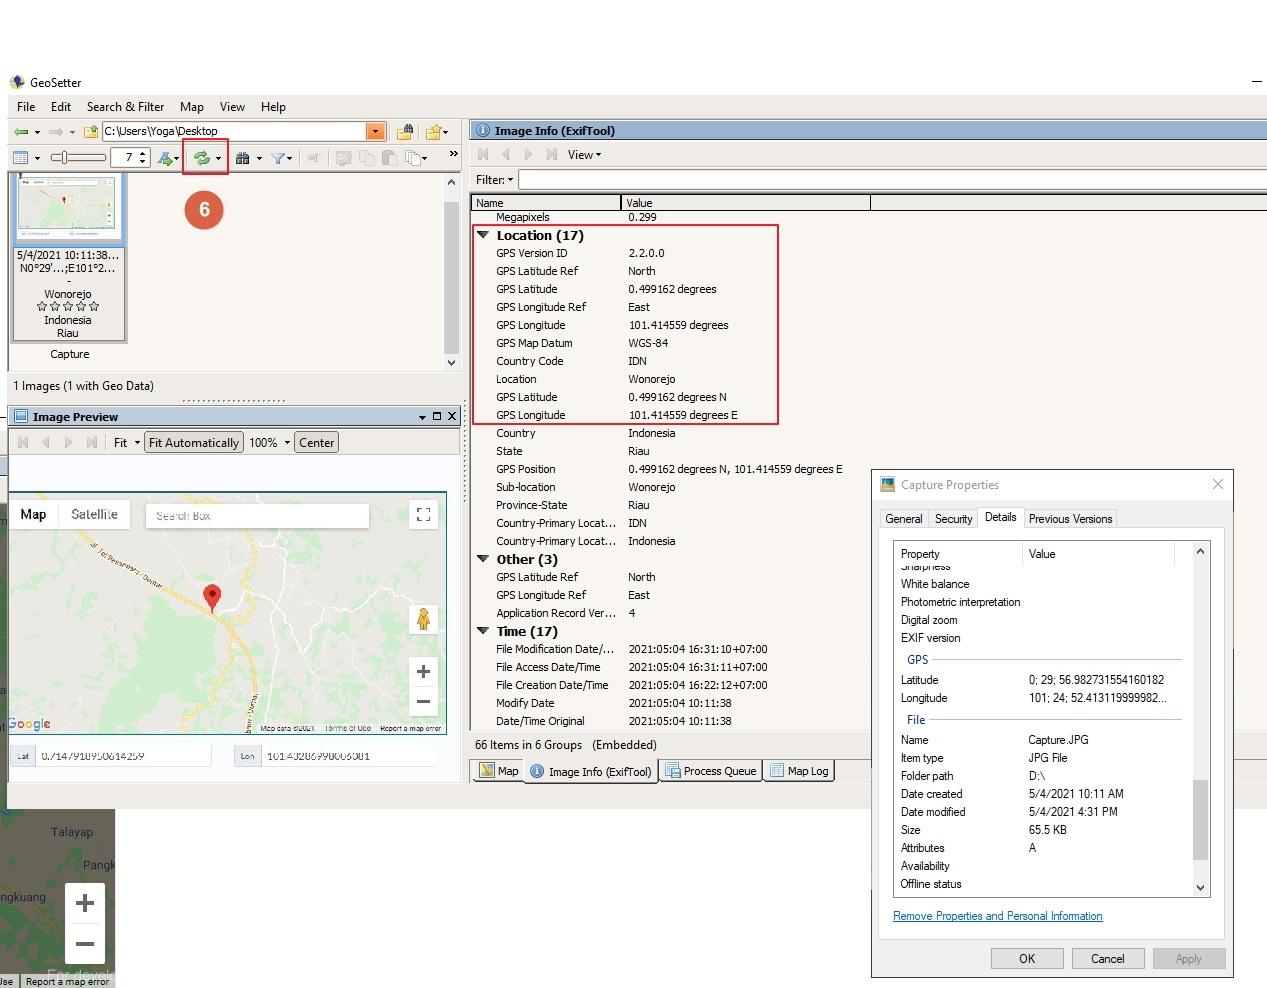 Cara menambahkan koordinat (GPS) ke metadata Foto. Edit metadata titik koordinat ke foto yang tidak ada koordinatnnya.